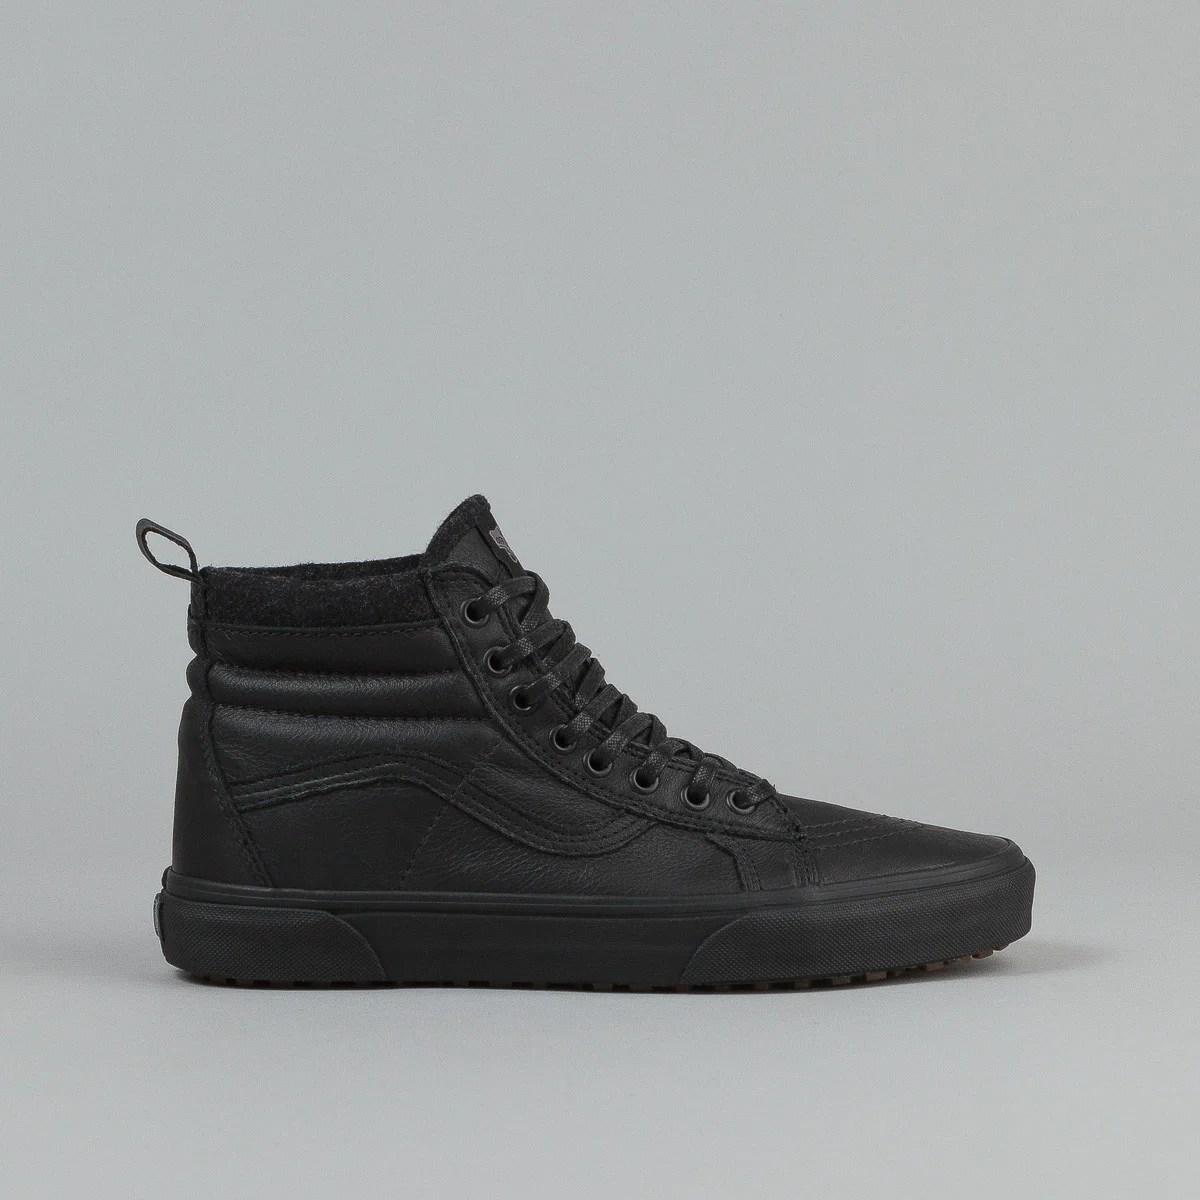 MTE Vans Sk8-Hi Black Leather